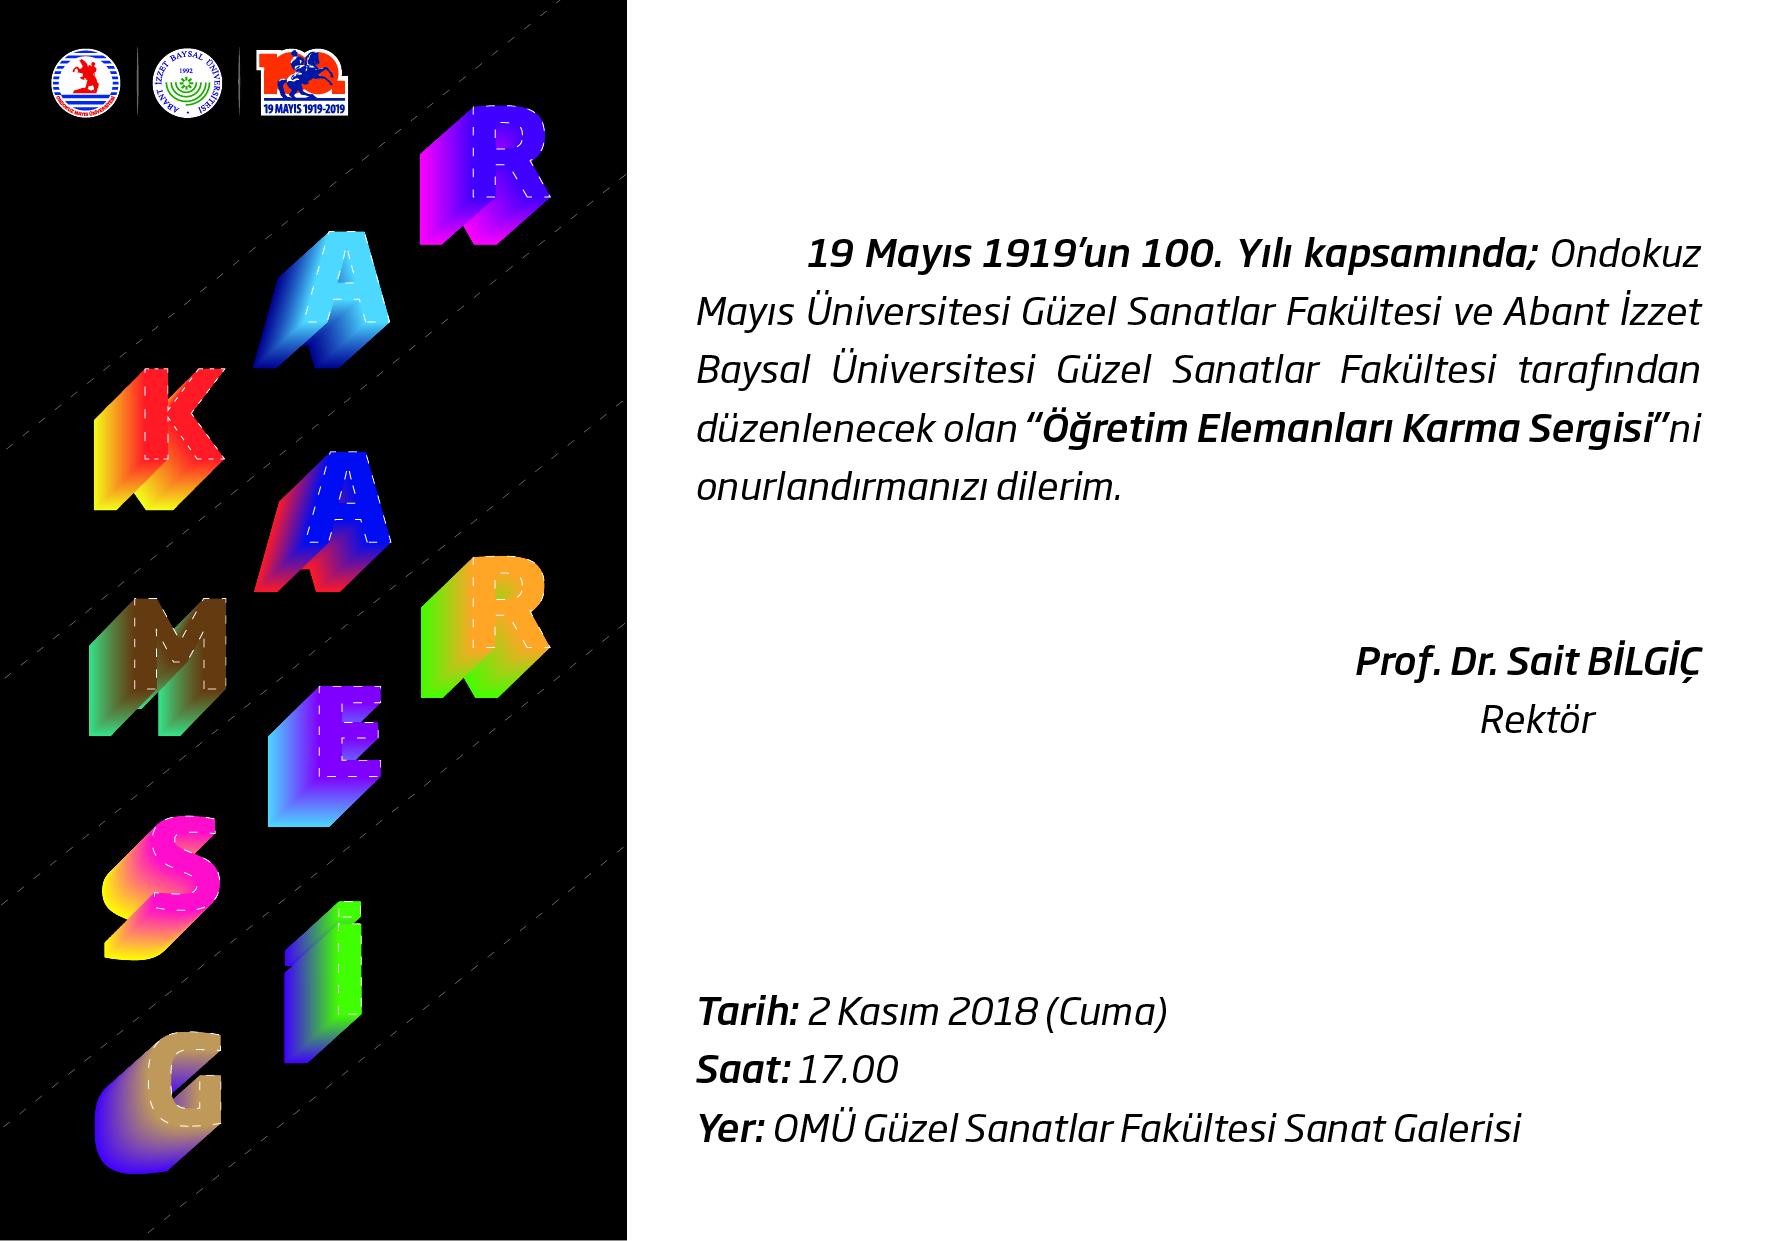 http://www.omu.edu.tr/sites/default/files/sergi_davetiyesi.jpg